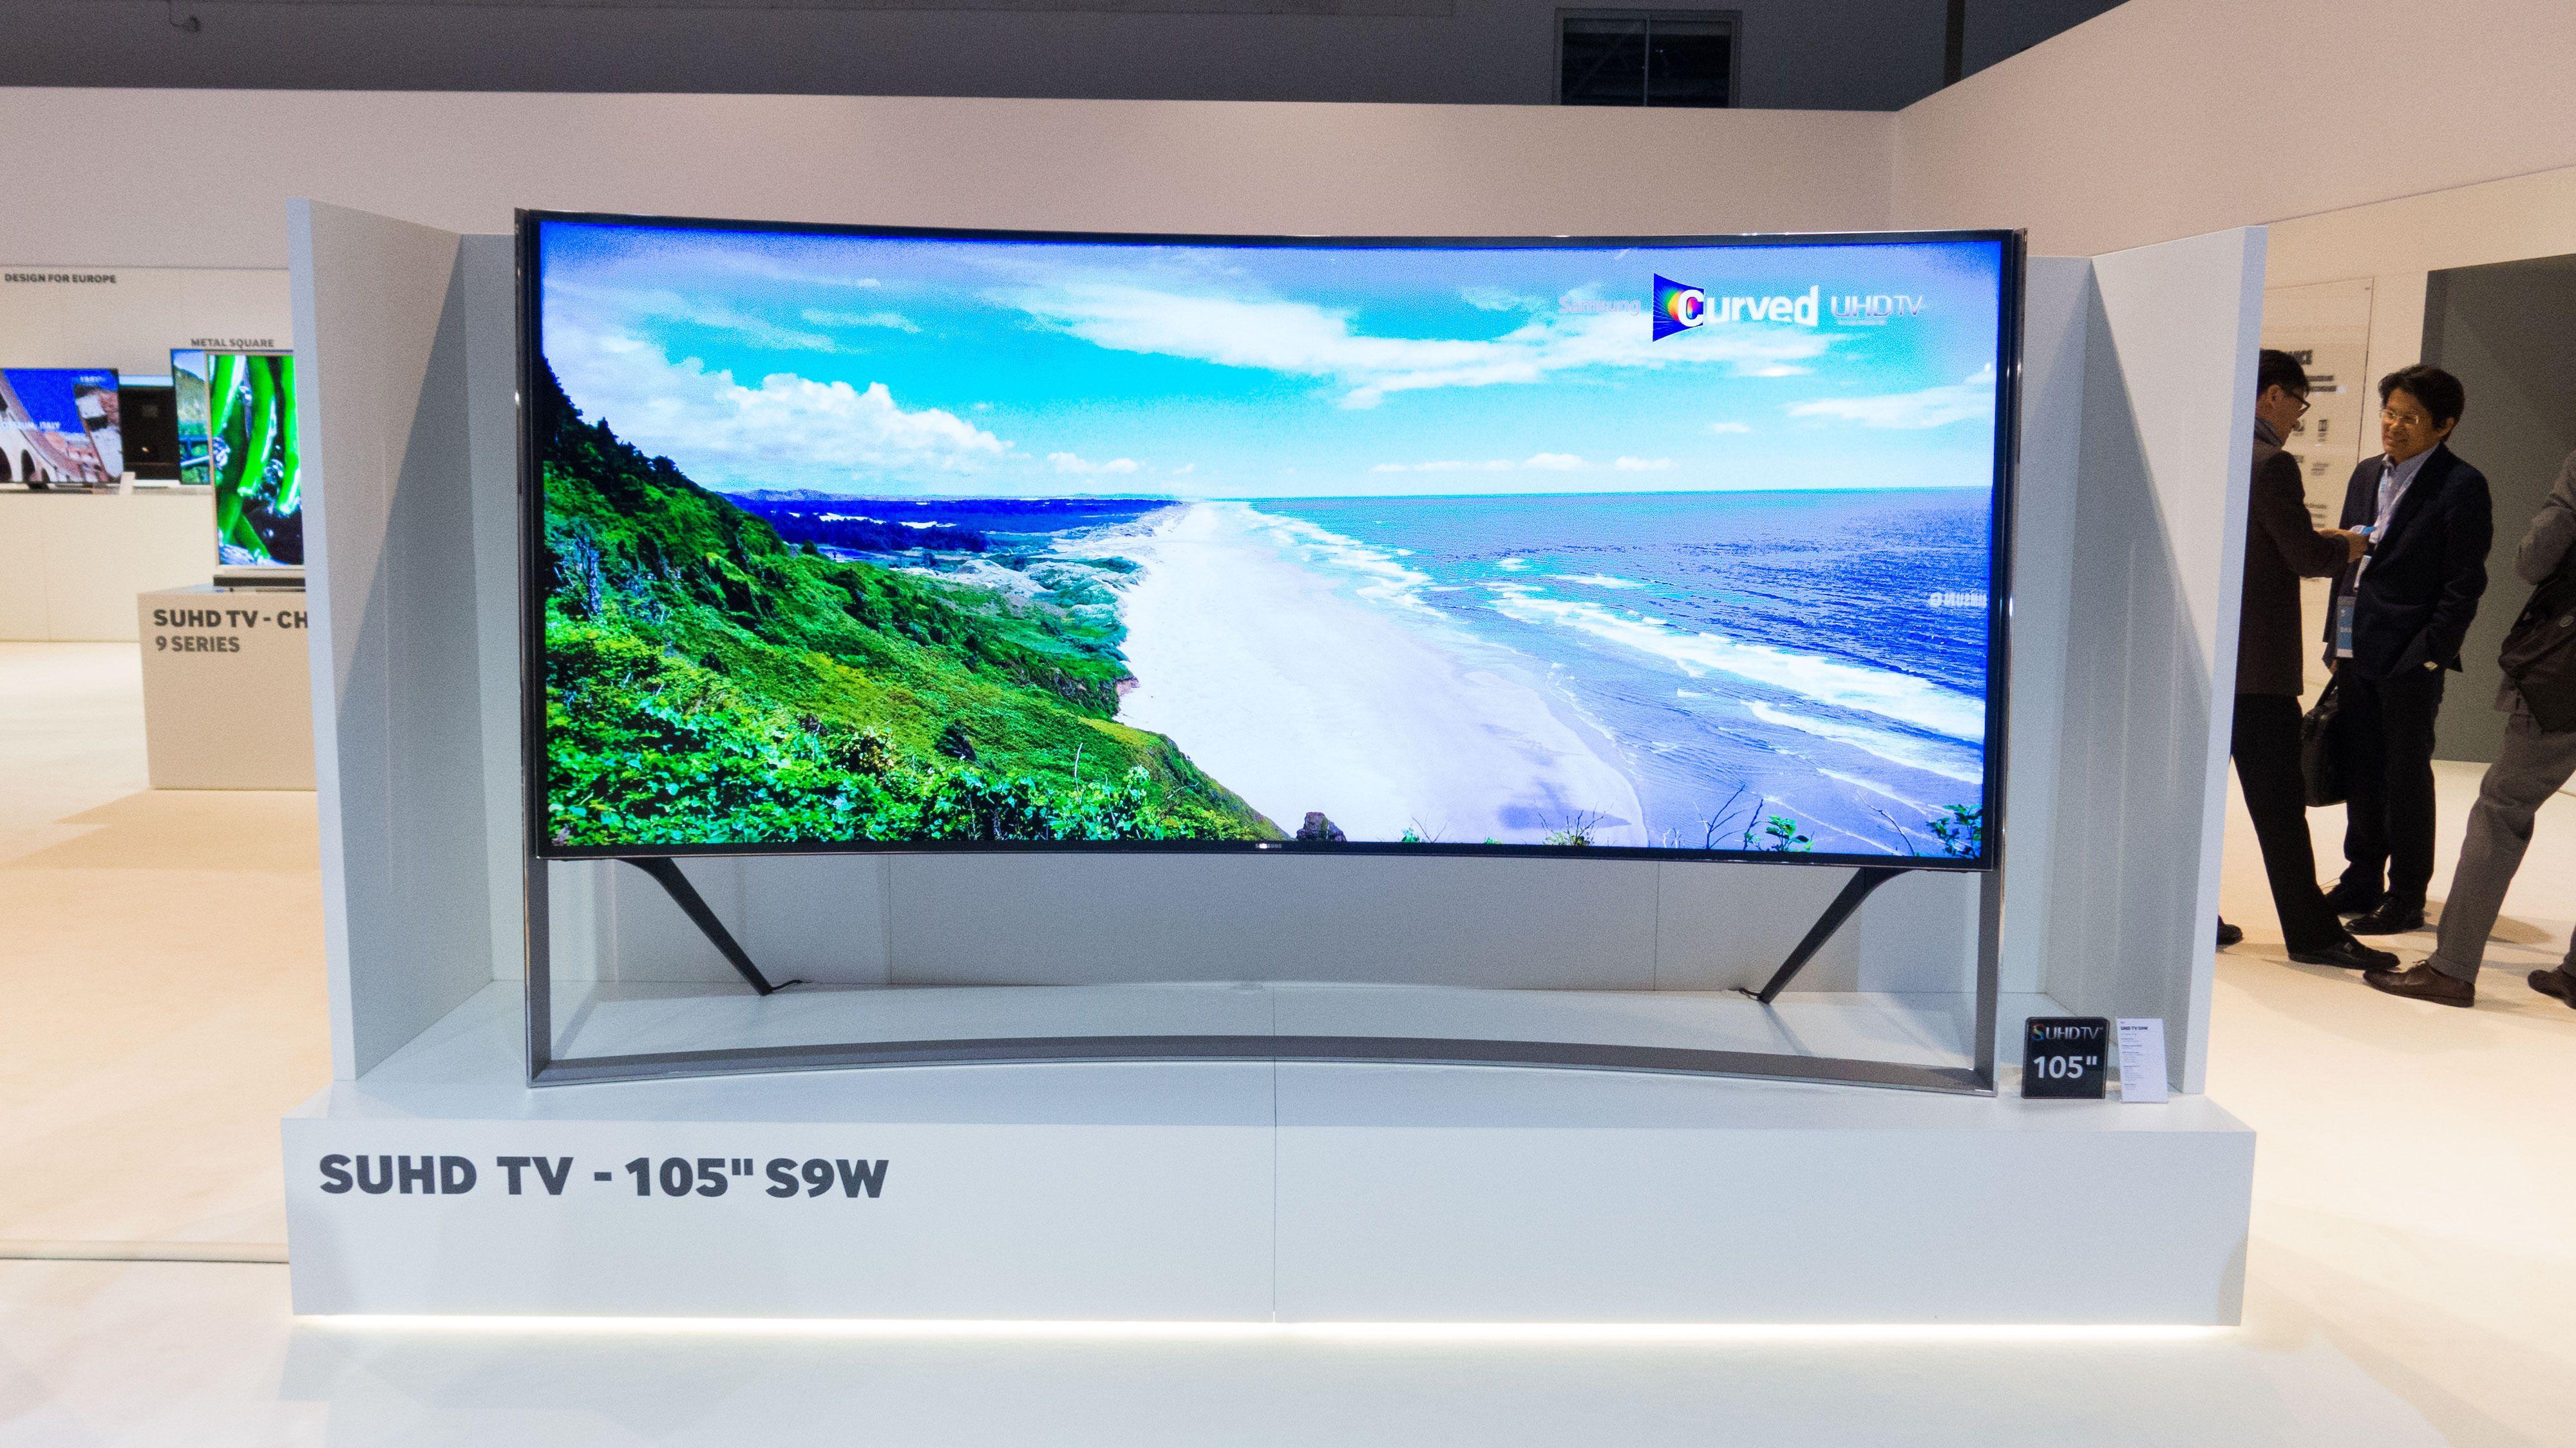 Samsung er en av verdens største TV-produsenter. Foto: Ole Henrik Johansen / Tek.no